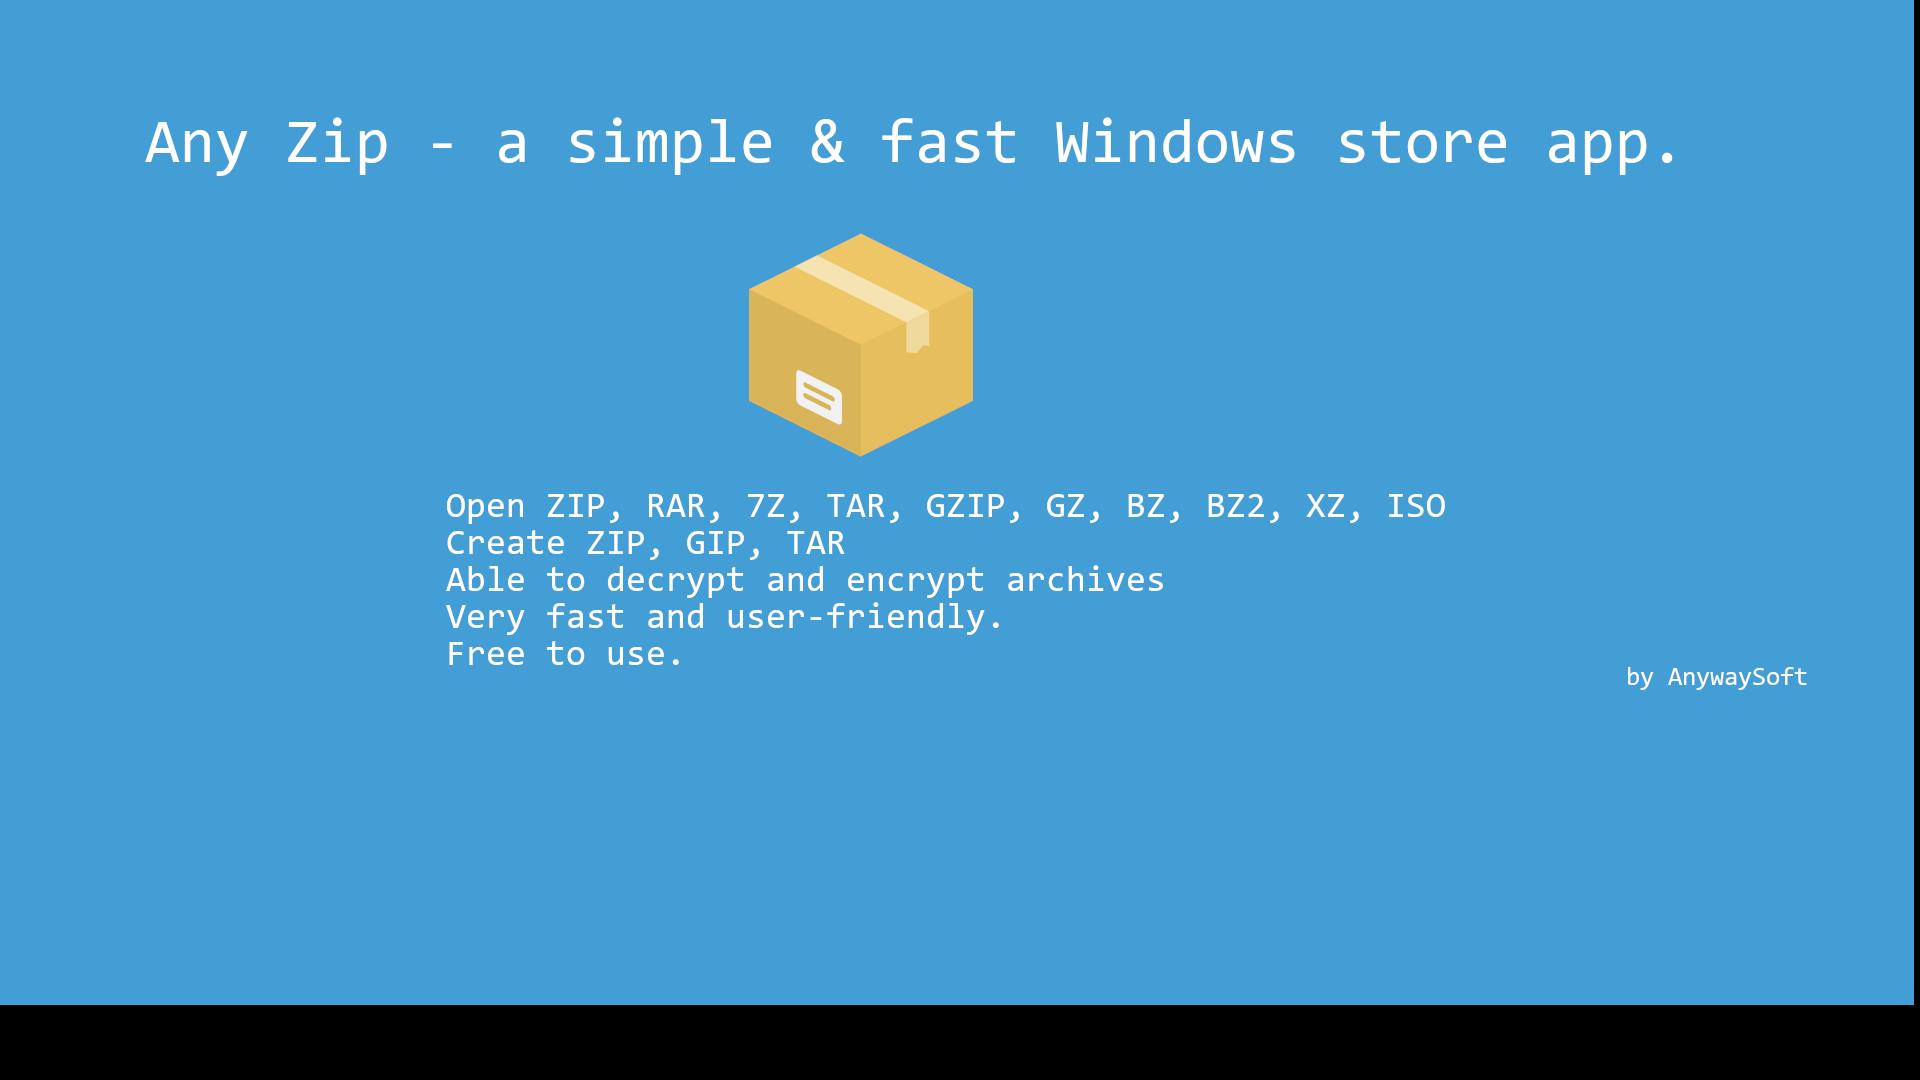 Get Any Zip: open rar, zip extractor & archiver - Microsoft Store